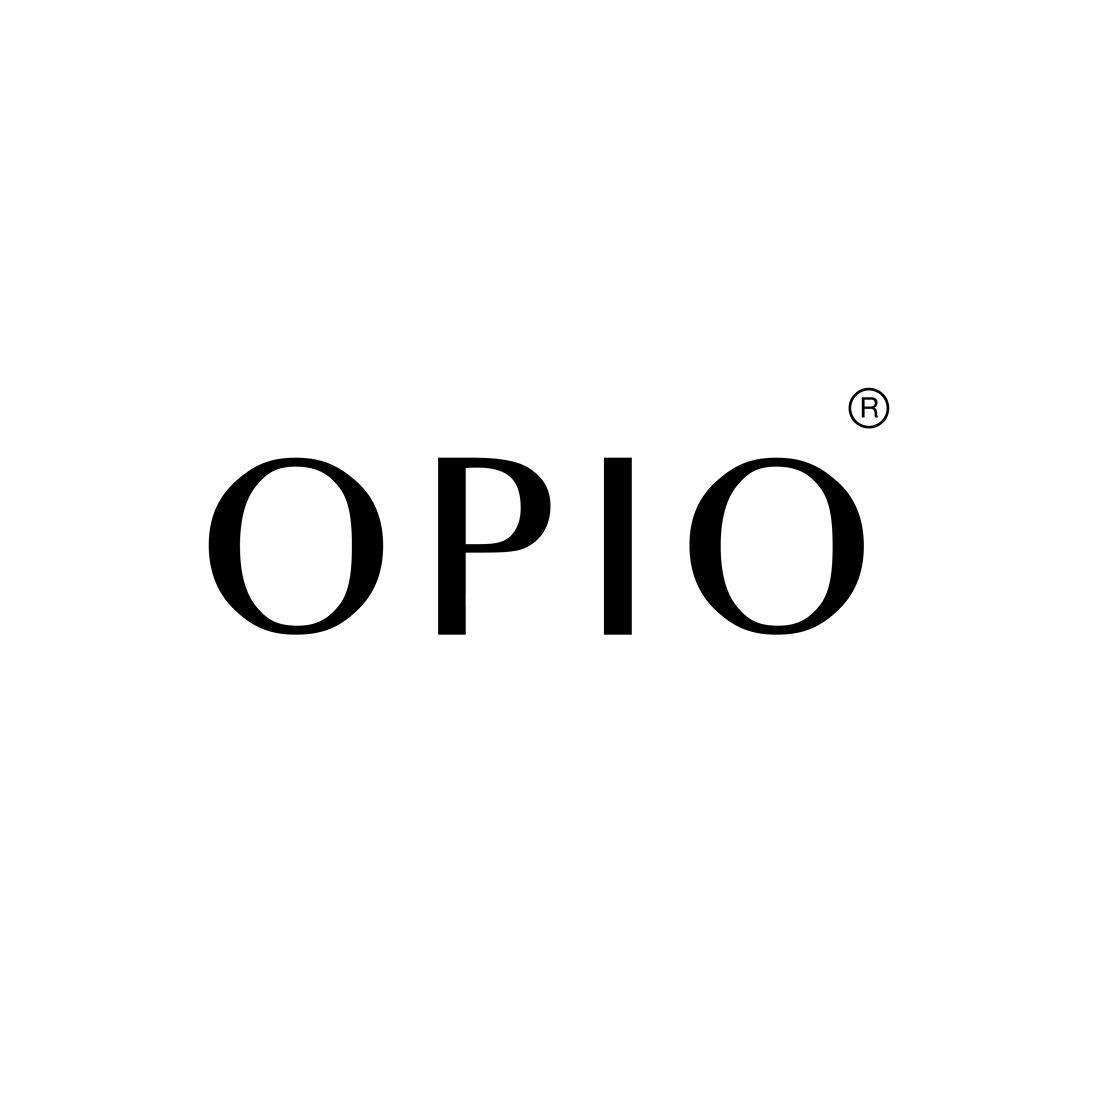 أوبيو Opio